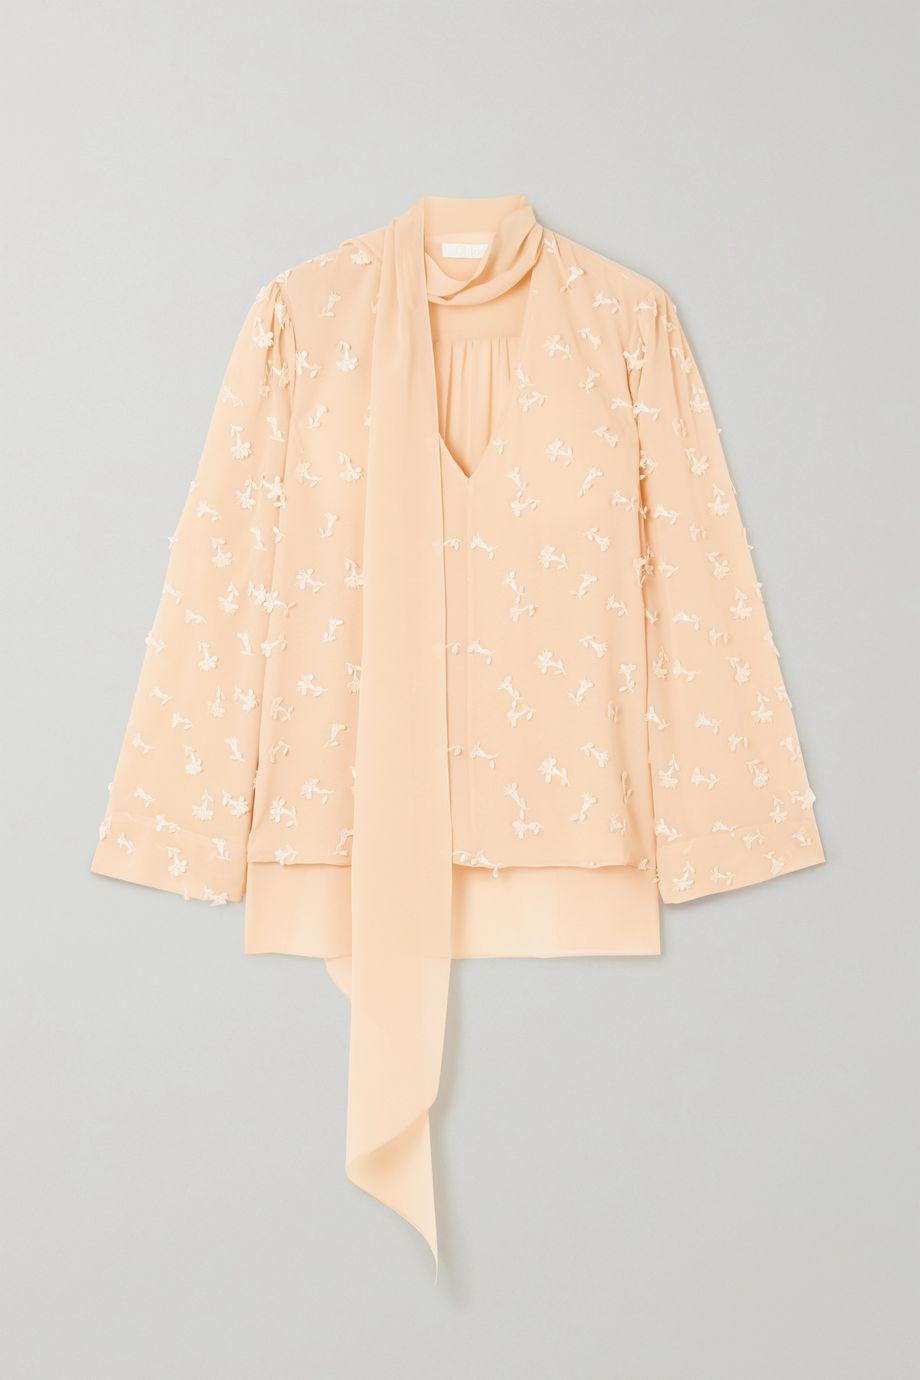 Chloé Pussy-bow appliquéd silk-georgette blouse